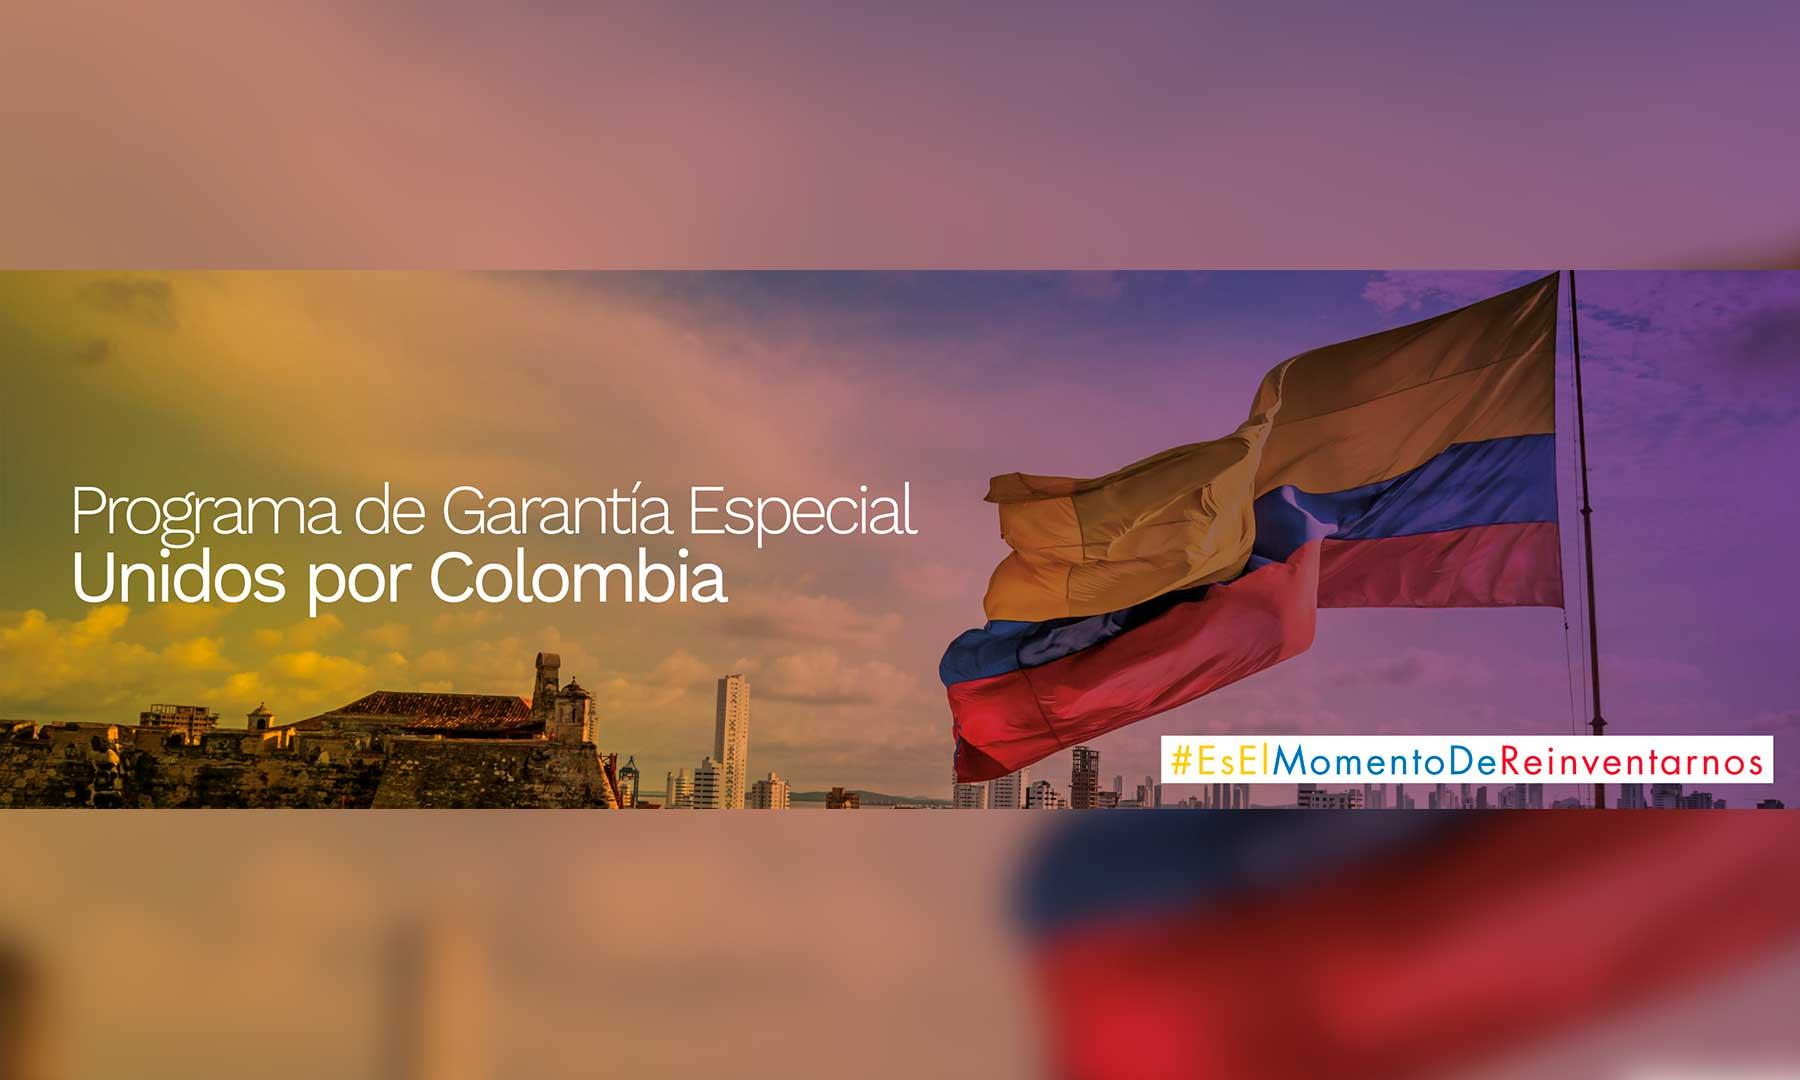 PROGRAMA DE GARANTÍAS UNIDOS POR COLOMBIA:  PARA MICRO, PEQUEÑAS Y MEDIANAS EMPRESAS POR 12 BILLONES.